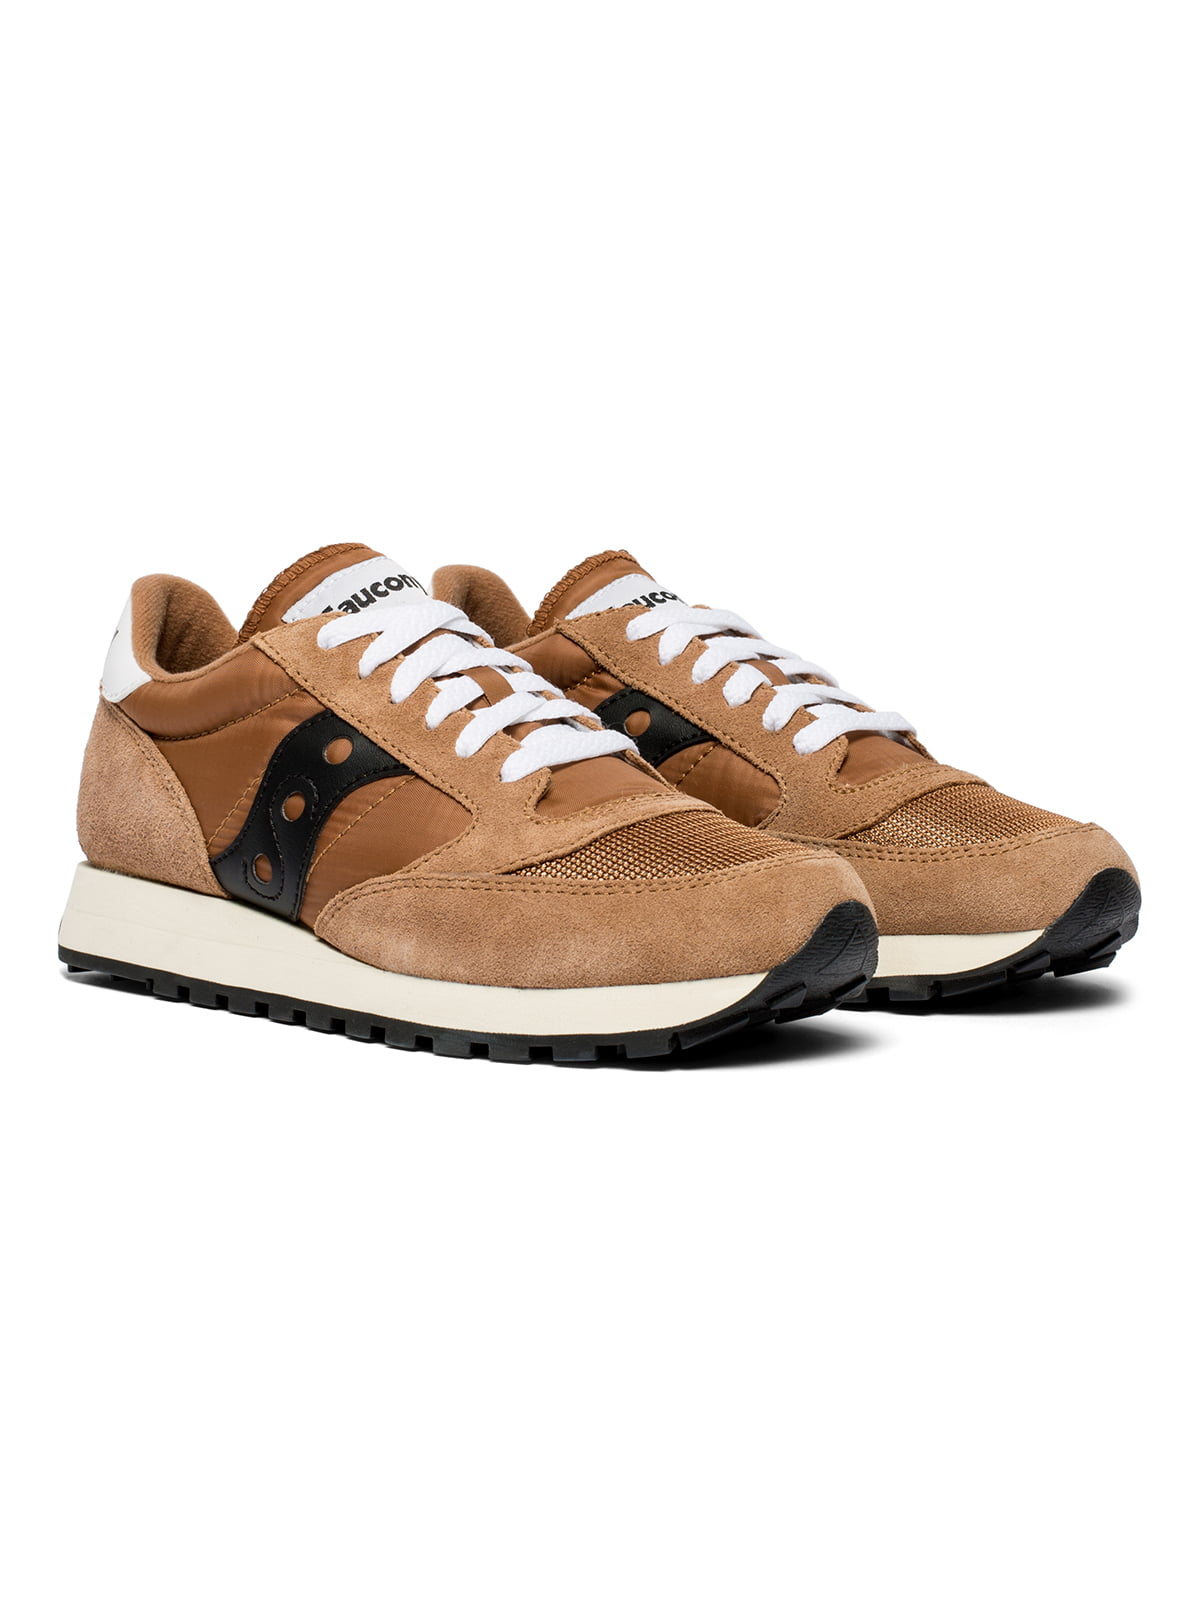 Кросівки коричневі | 4920804 | фото 5